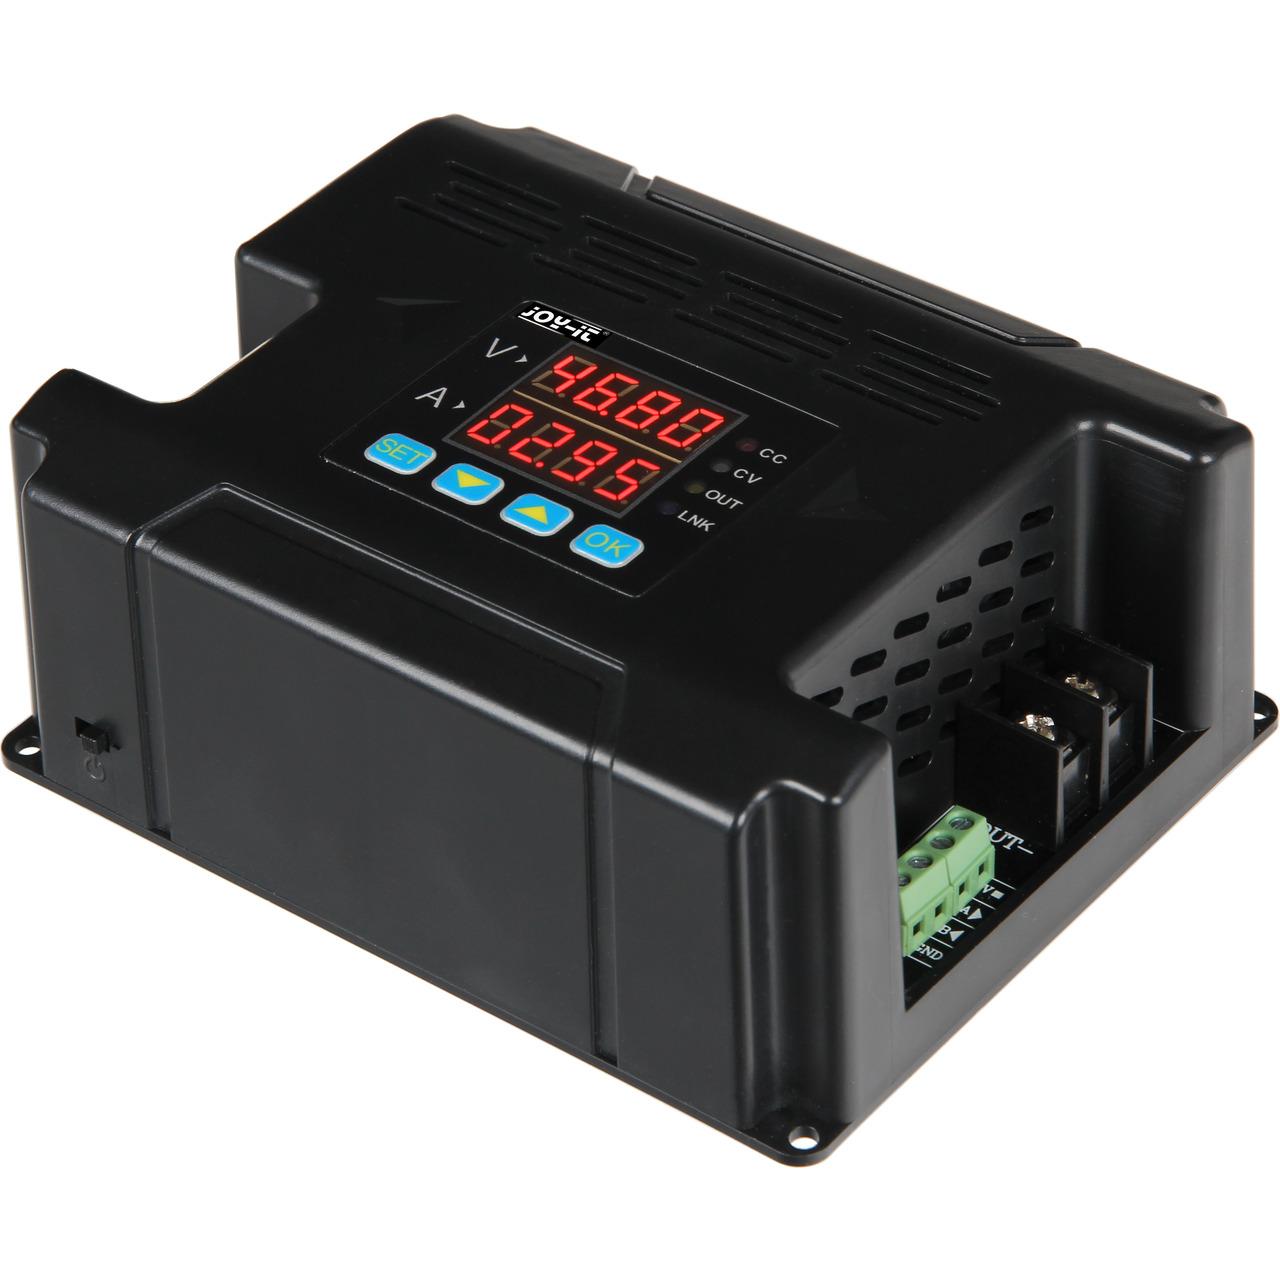 Joy-IT-programmierbares Labornetzgerund-228 t JT-DPM8624- 0-60 V-0-24 A- max- 1440 W